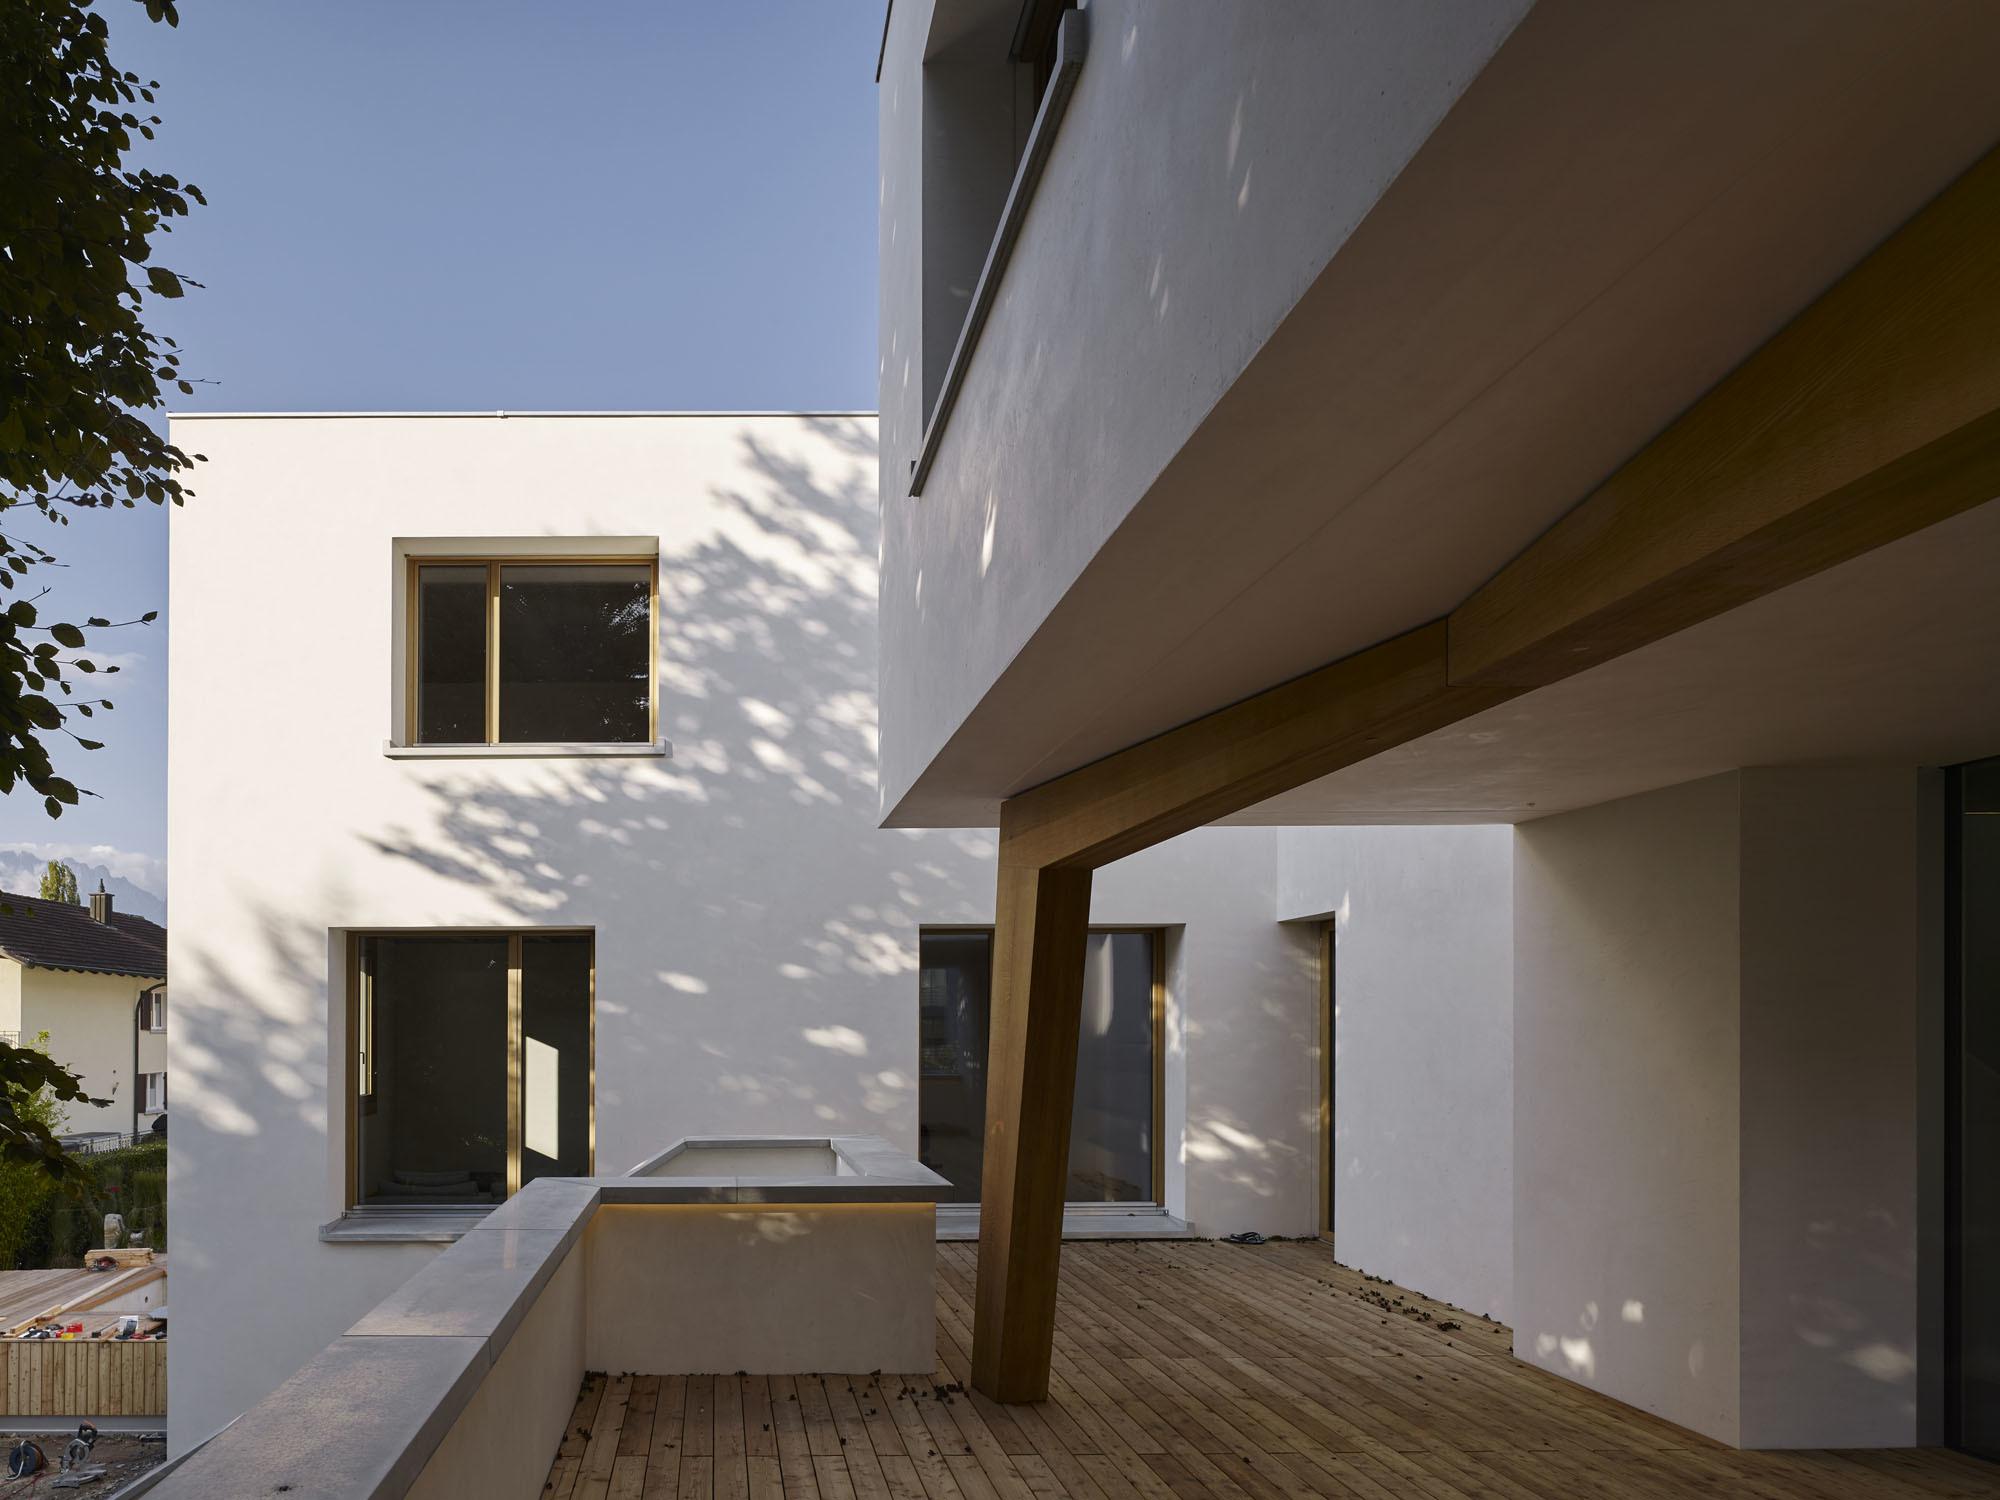 """""""Der Wunsch nach geschützten Außenräumen war ein wesentlicher Aspekt für die Formulierung dieses sehr plastischen Volumens"""", sagtUlli Grassmann, verantwortlicher Projektarchitekt bei Baumschlager Eberle."""